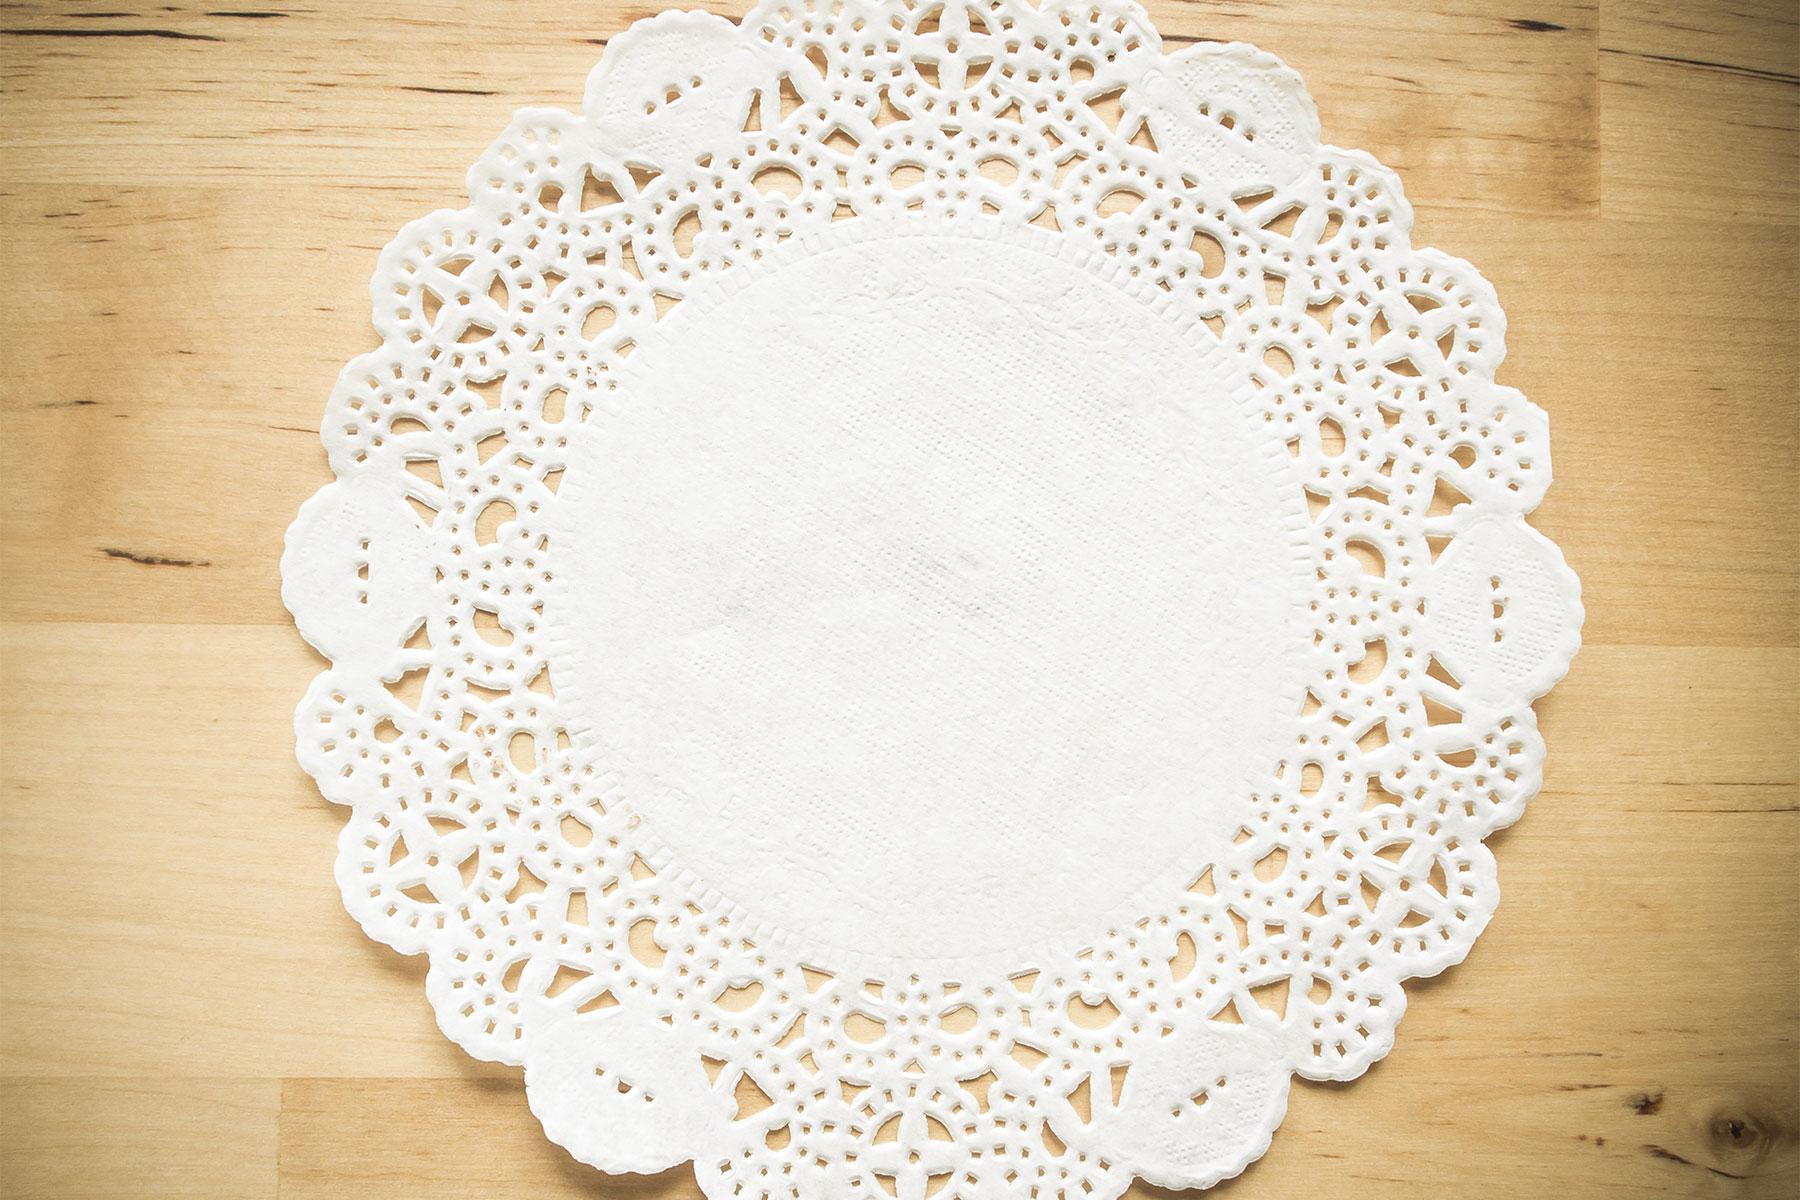 Bastelideen und Anleitung mit Tortenspitze in weiß zum selber basteln und verzieren